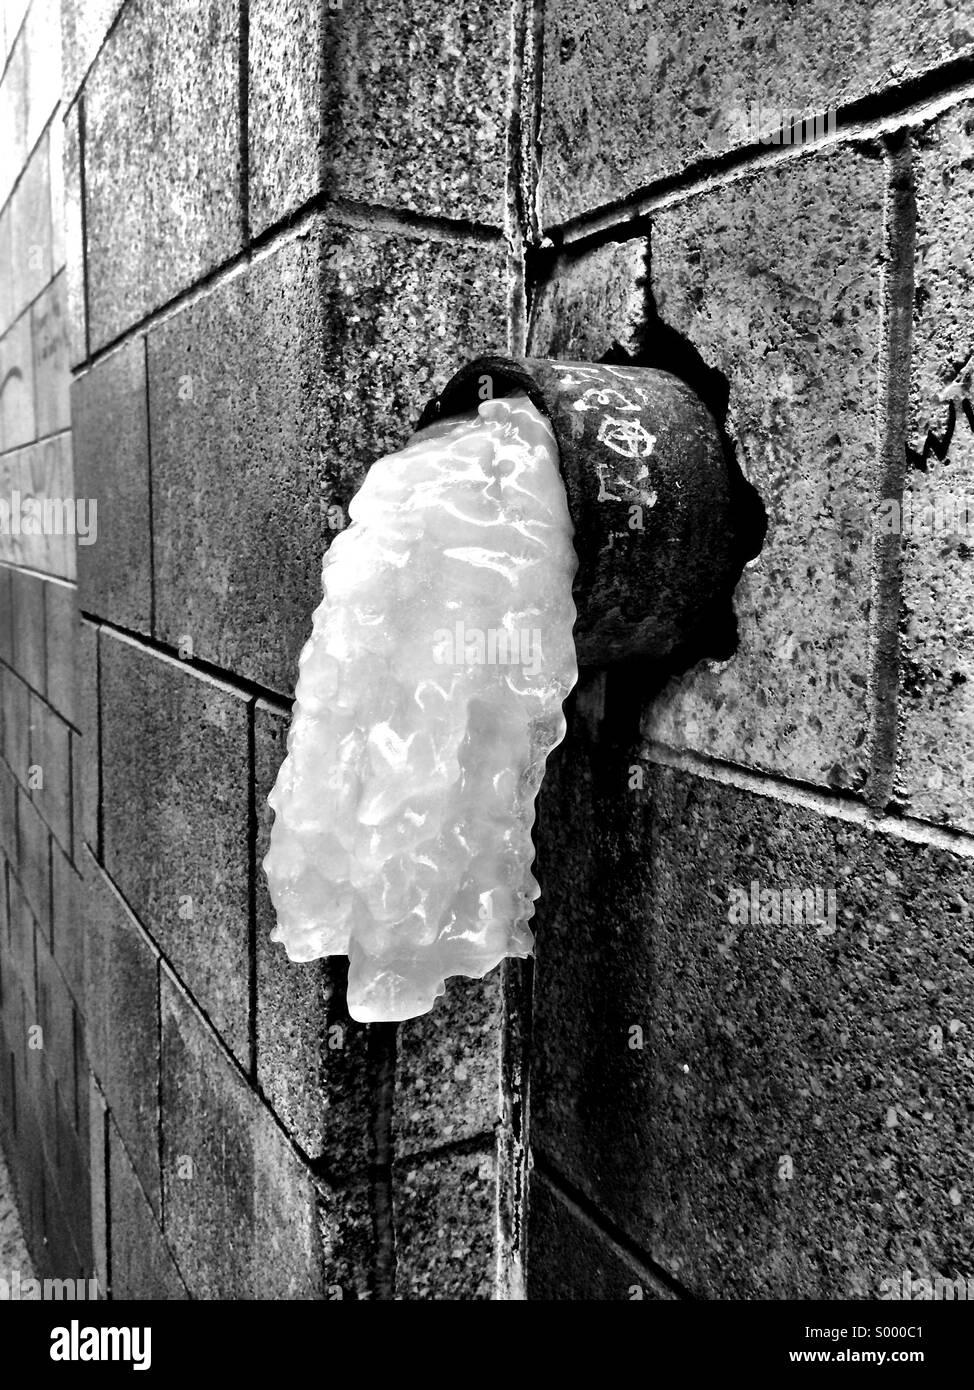 Ice se déverse d'un tuyau sous le pont de Manhattan à Brooklyn, New York lors d'une froide journée Photo Stock